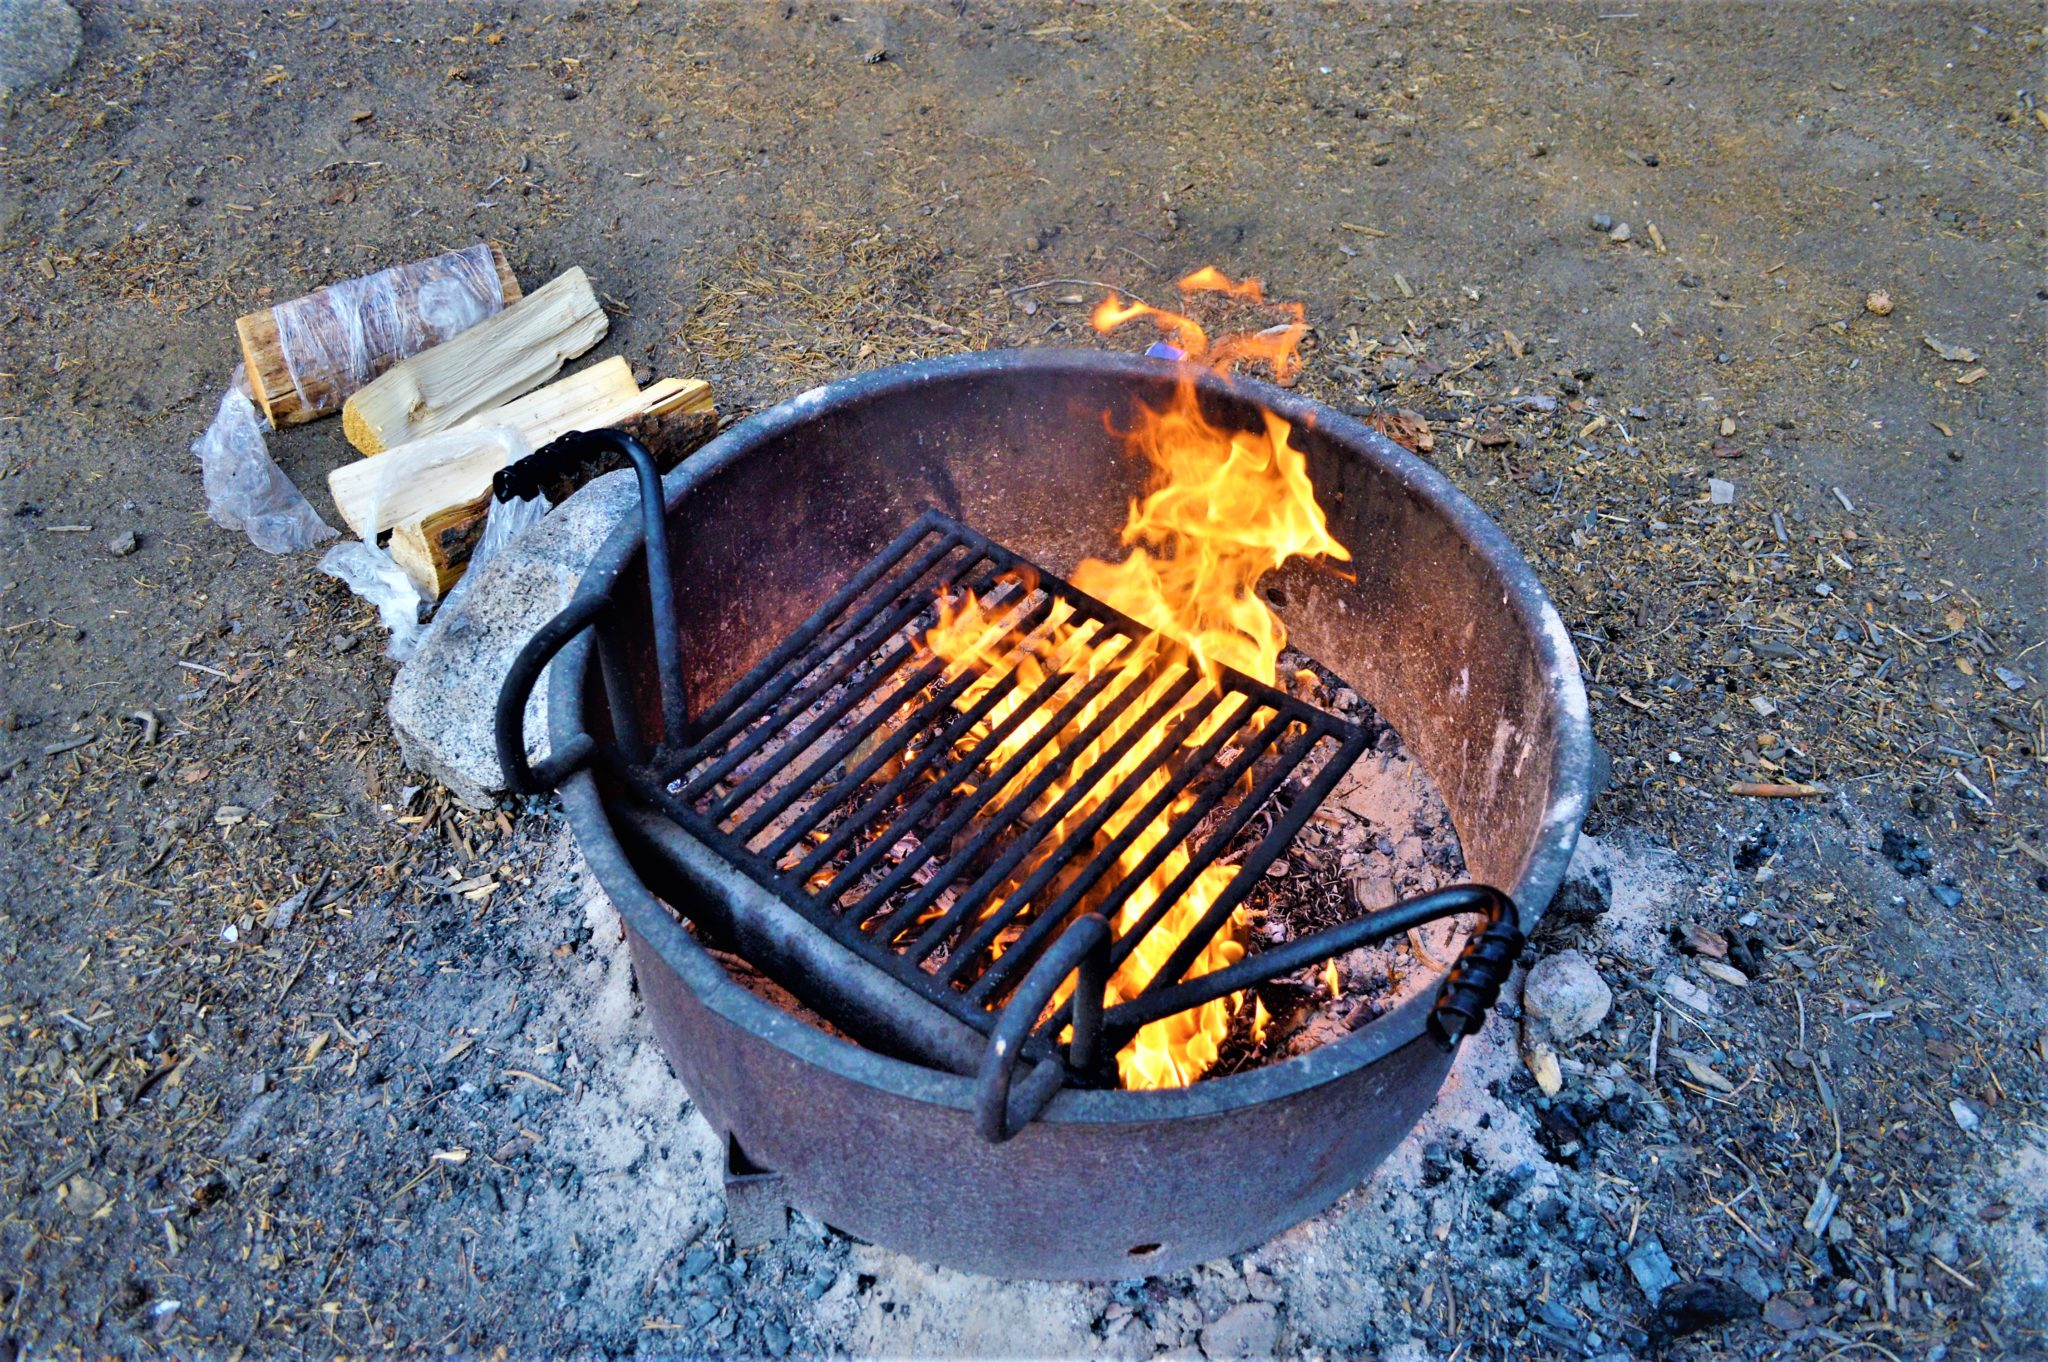 Firewood, Campfire at Yosemite National Park, California